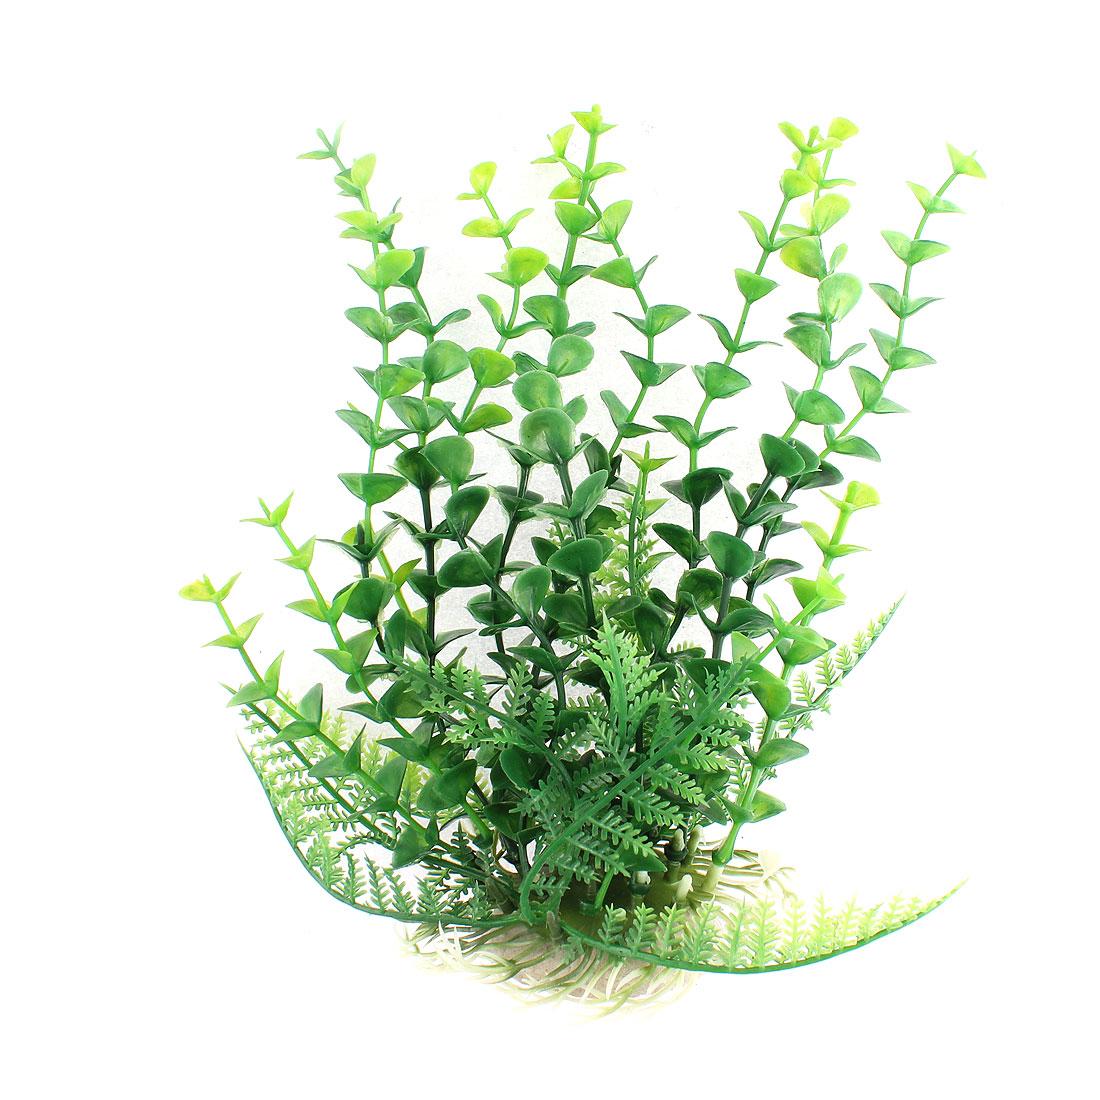 Aquarium Plastic Manmade Underwater Plant Ornament Green 8.3 Inch Height